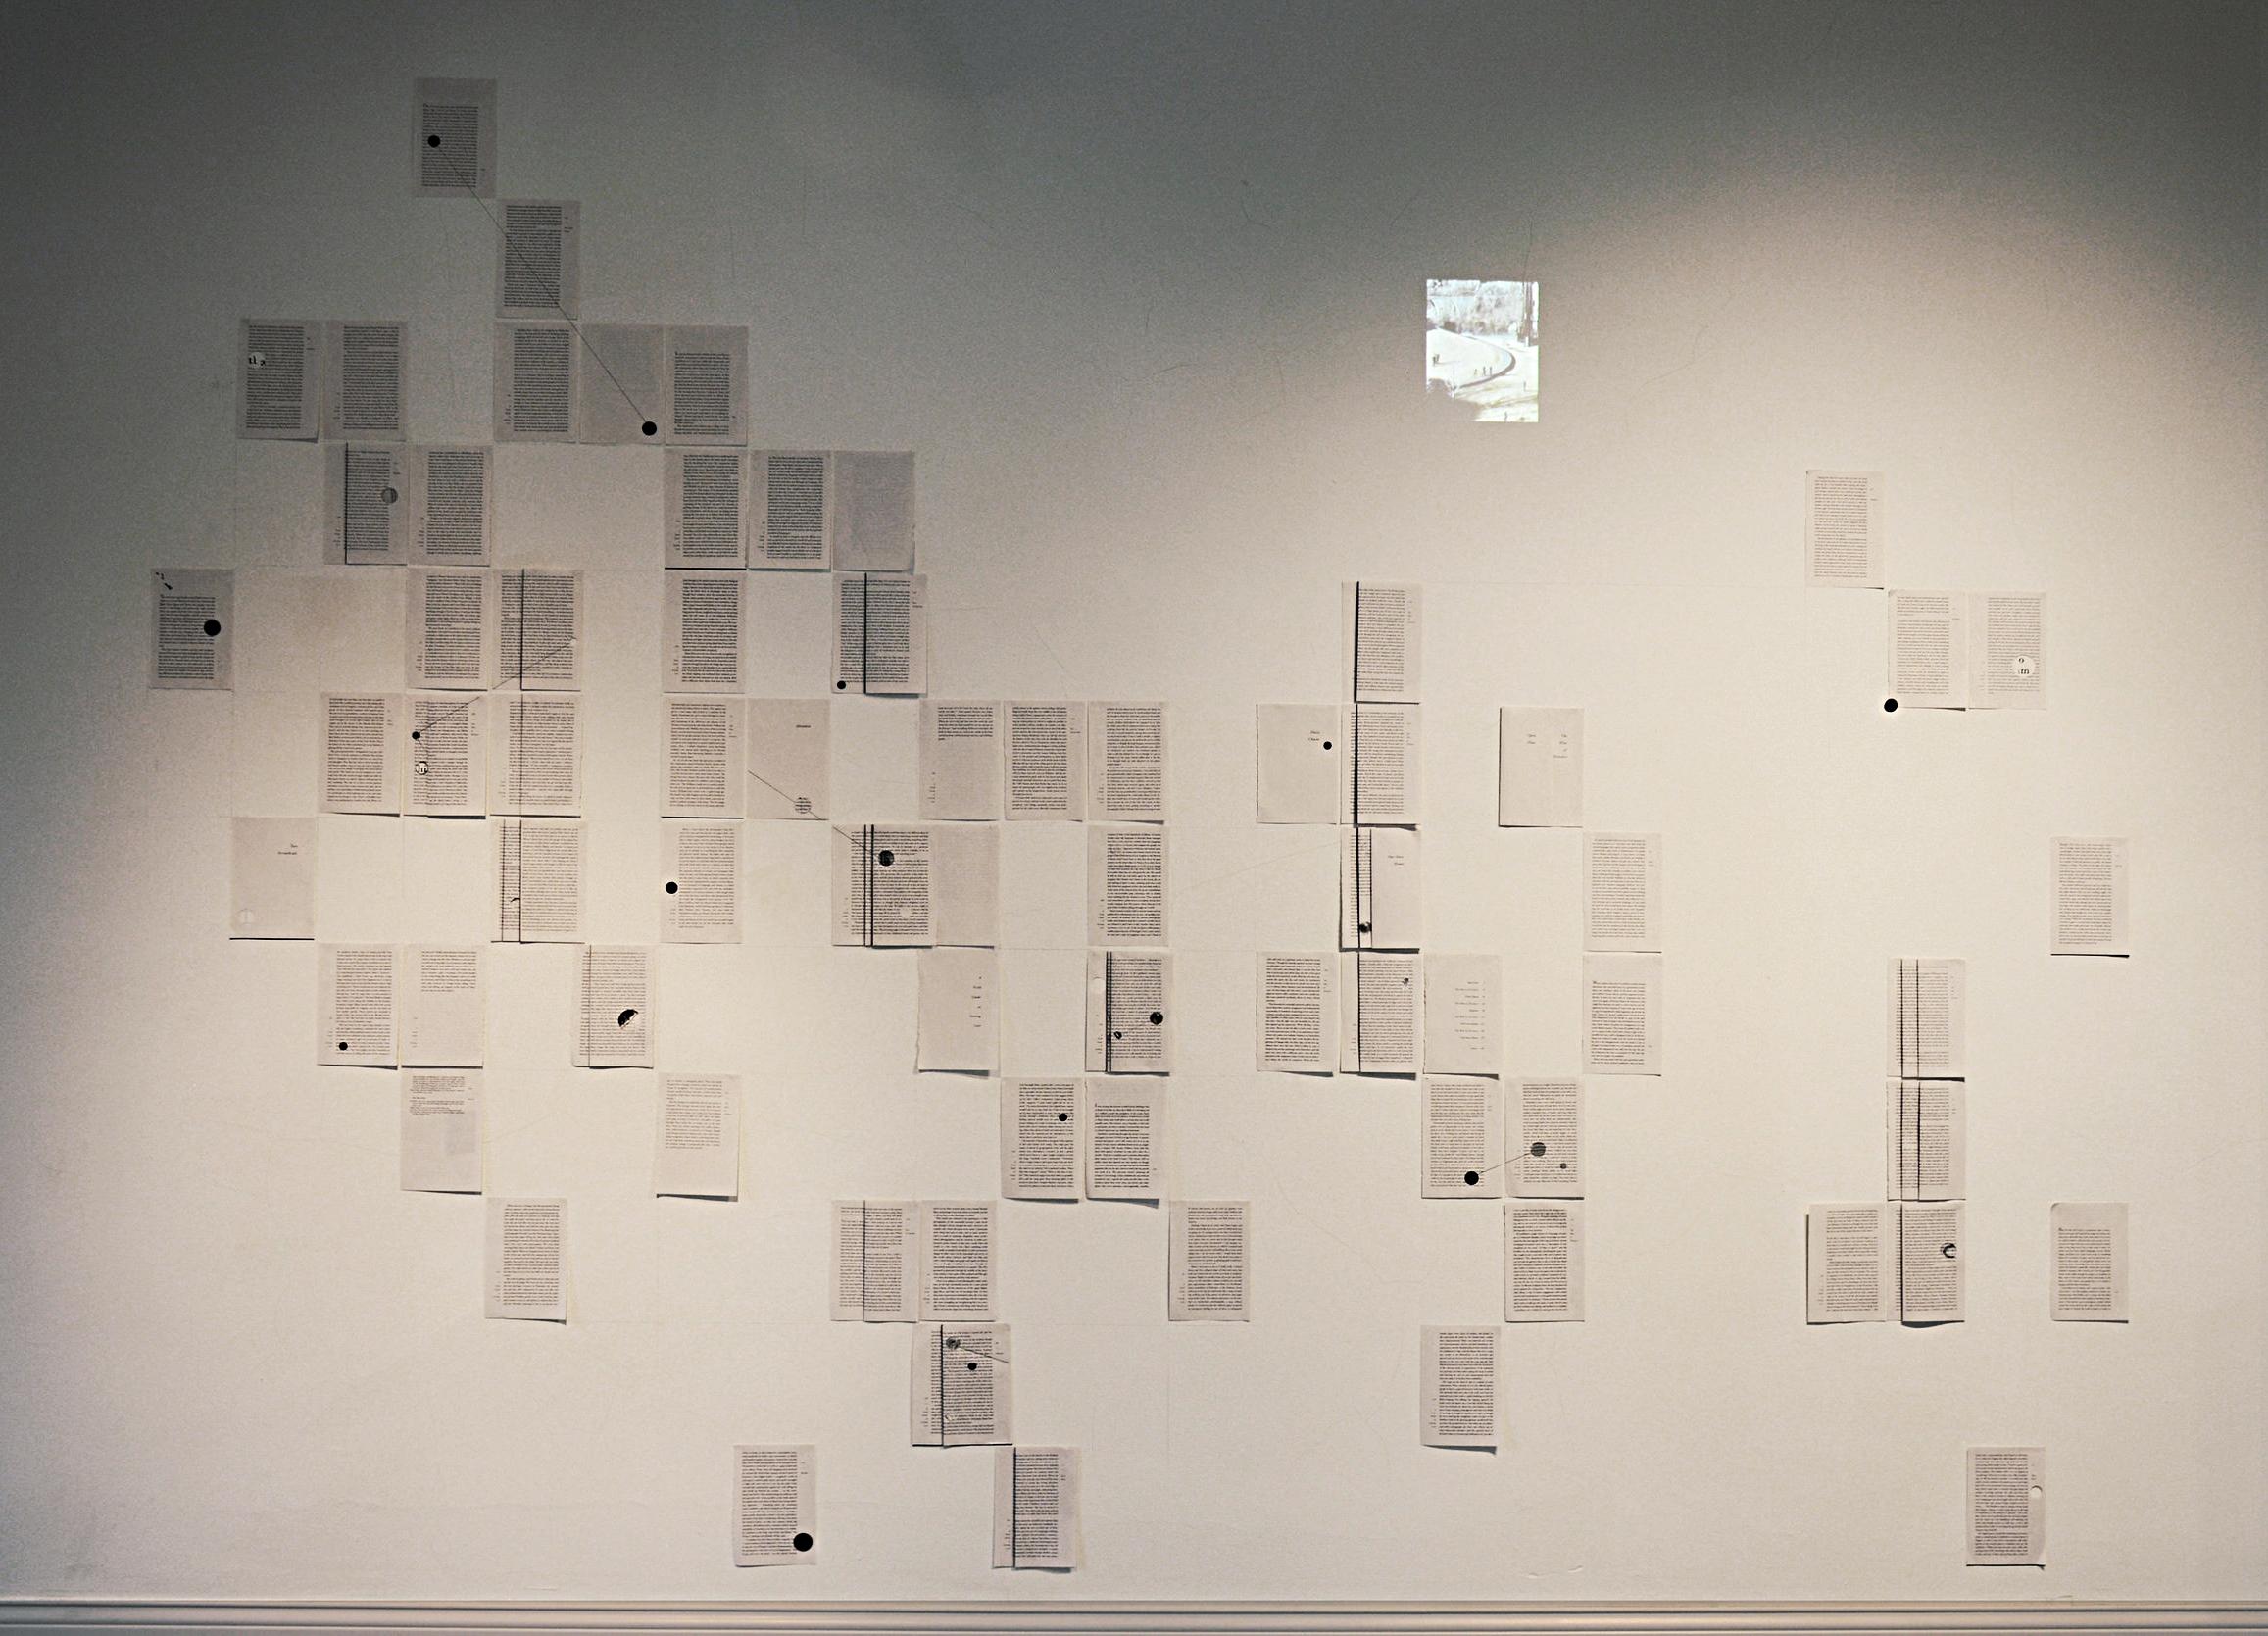 Wall grid DSC_6129.jpg